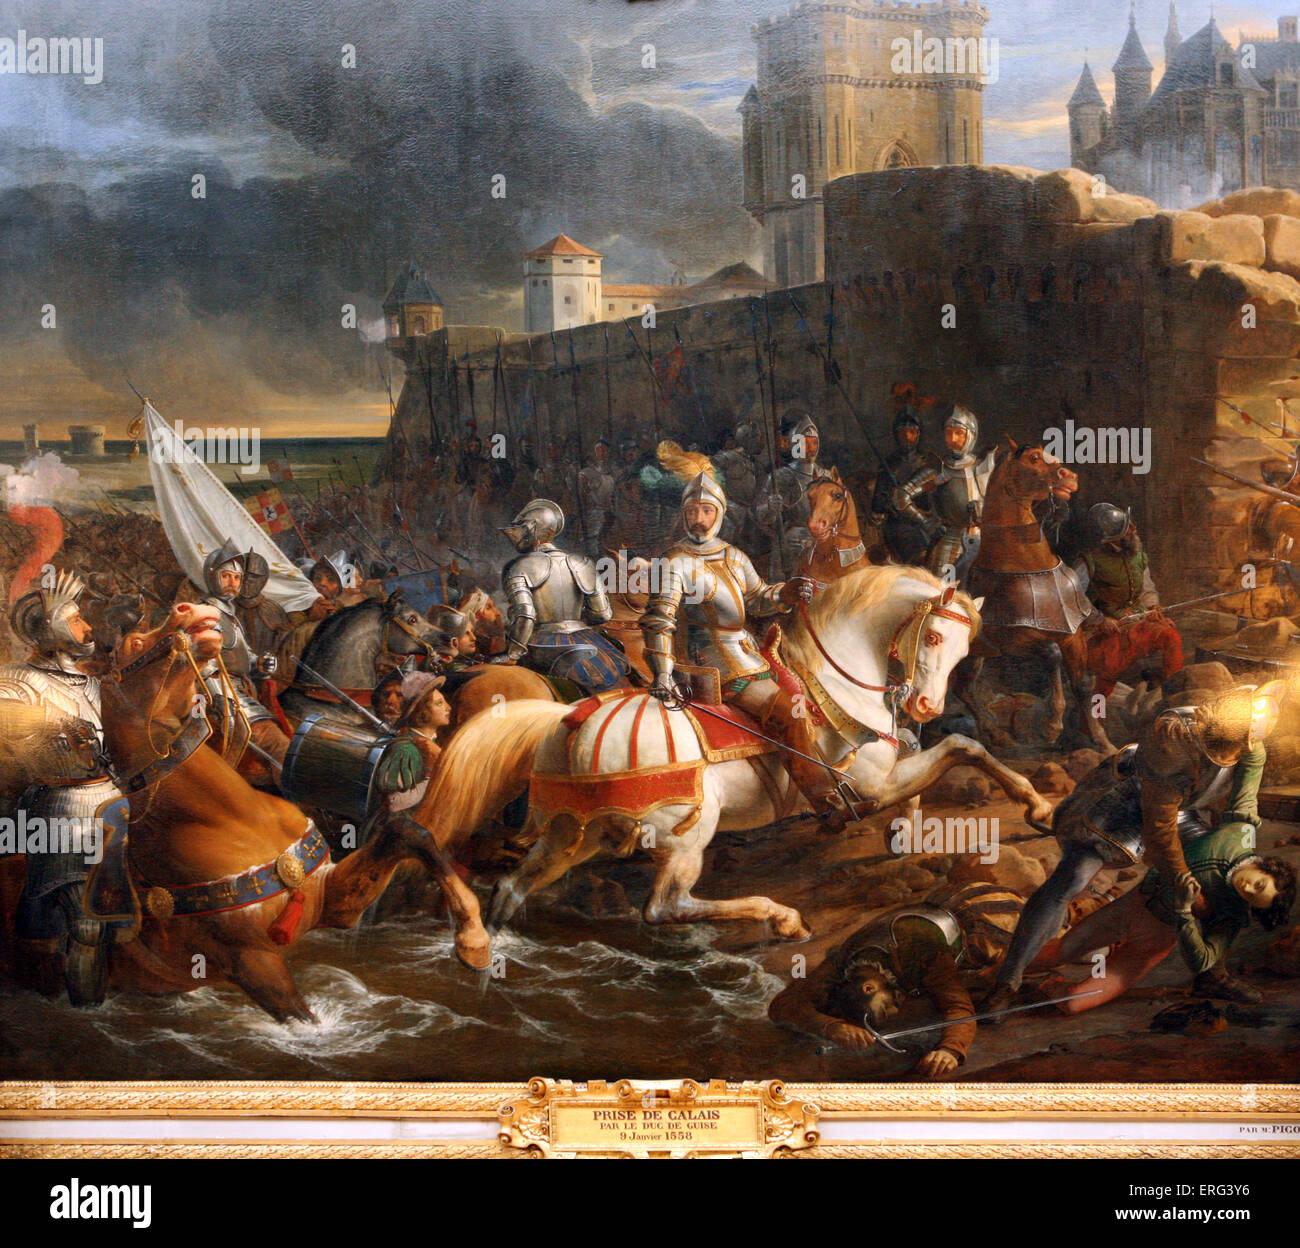 Prise du Calais  par le Duc de Guise - Stock Image